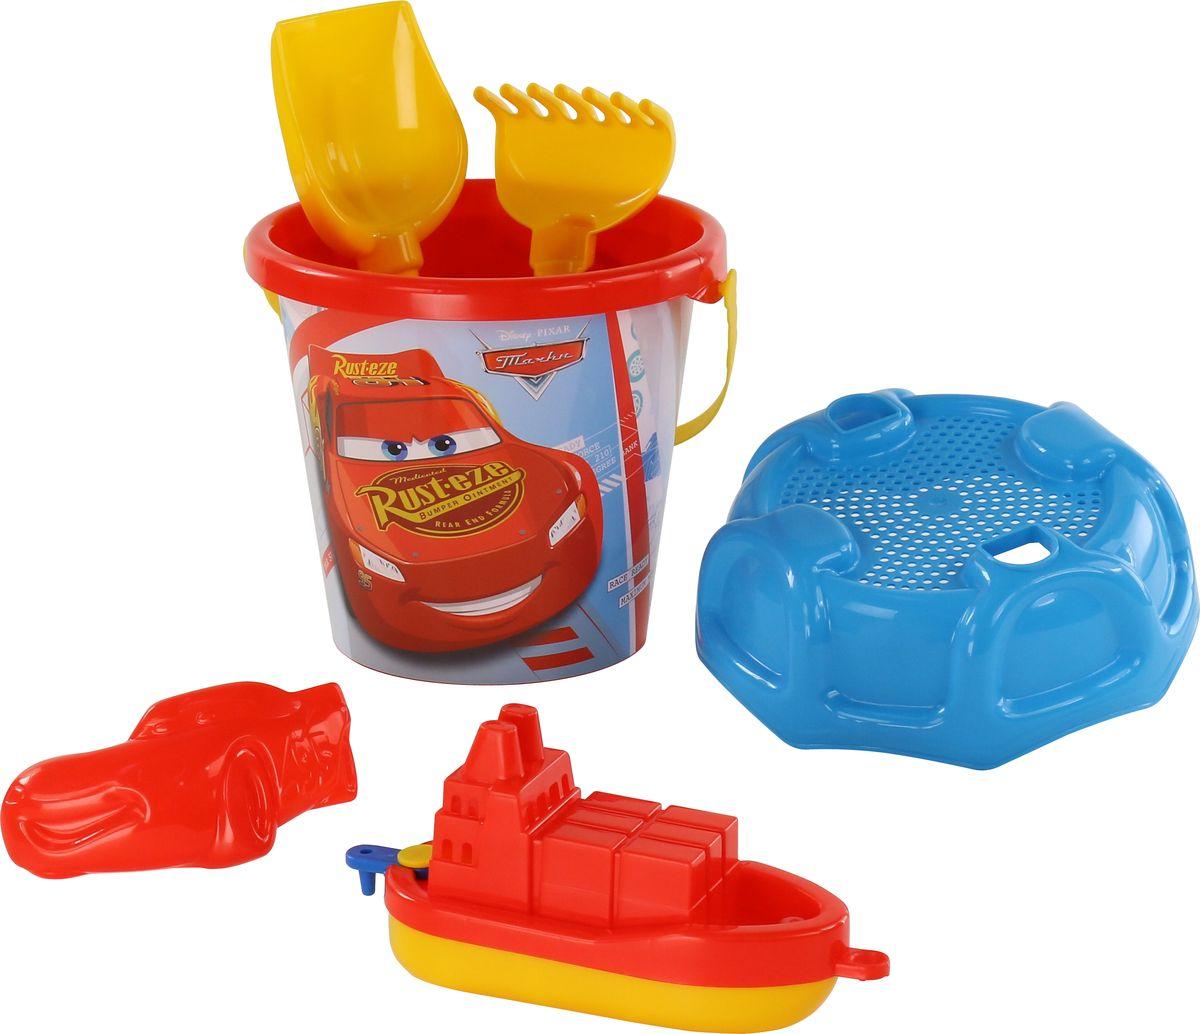 Disney / Pixar Набор игрушек для песочницы Тачки №26 шахова а ред disney pixar тачки коллекция наклеек